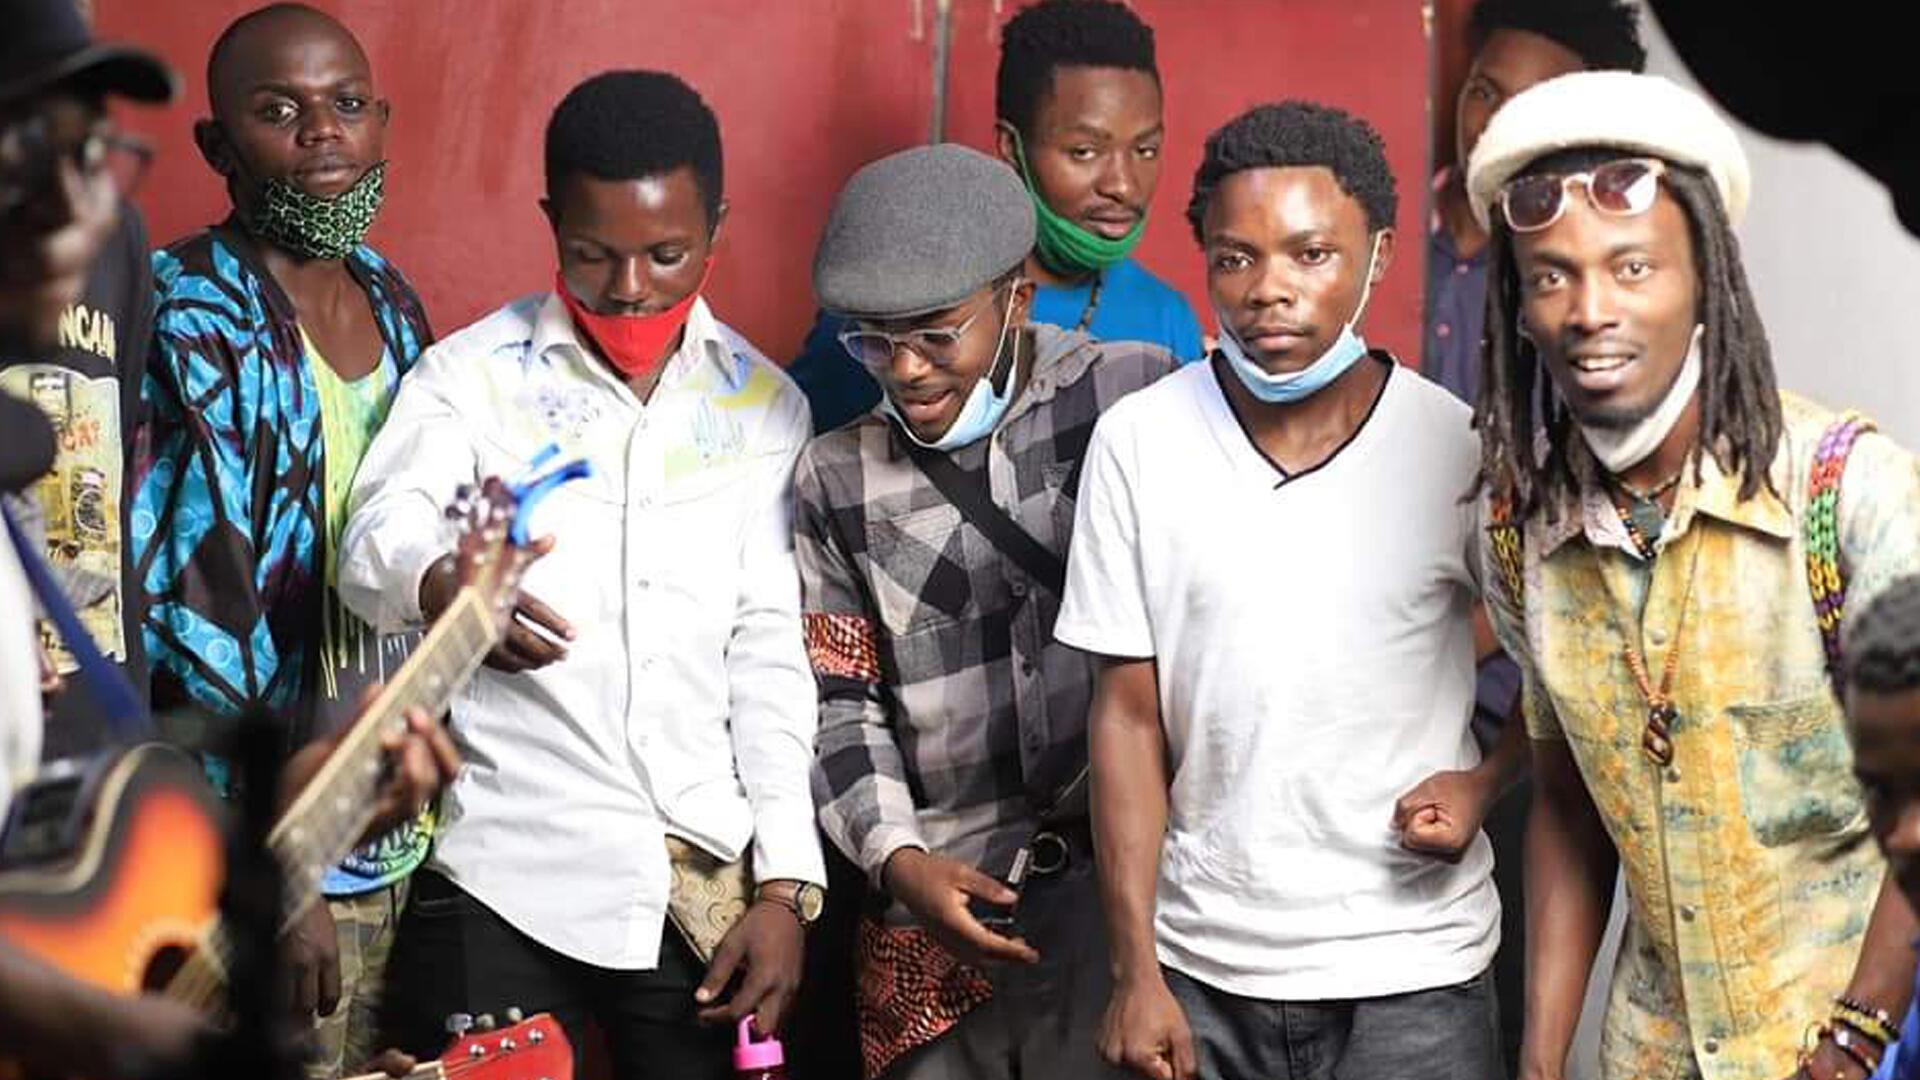 Club RFI Nakivalé - Ouganda - équipe du concert - Journée des réfugiés